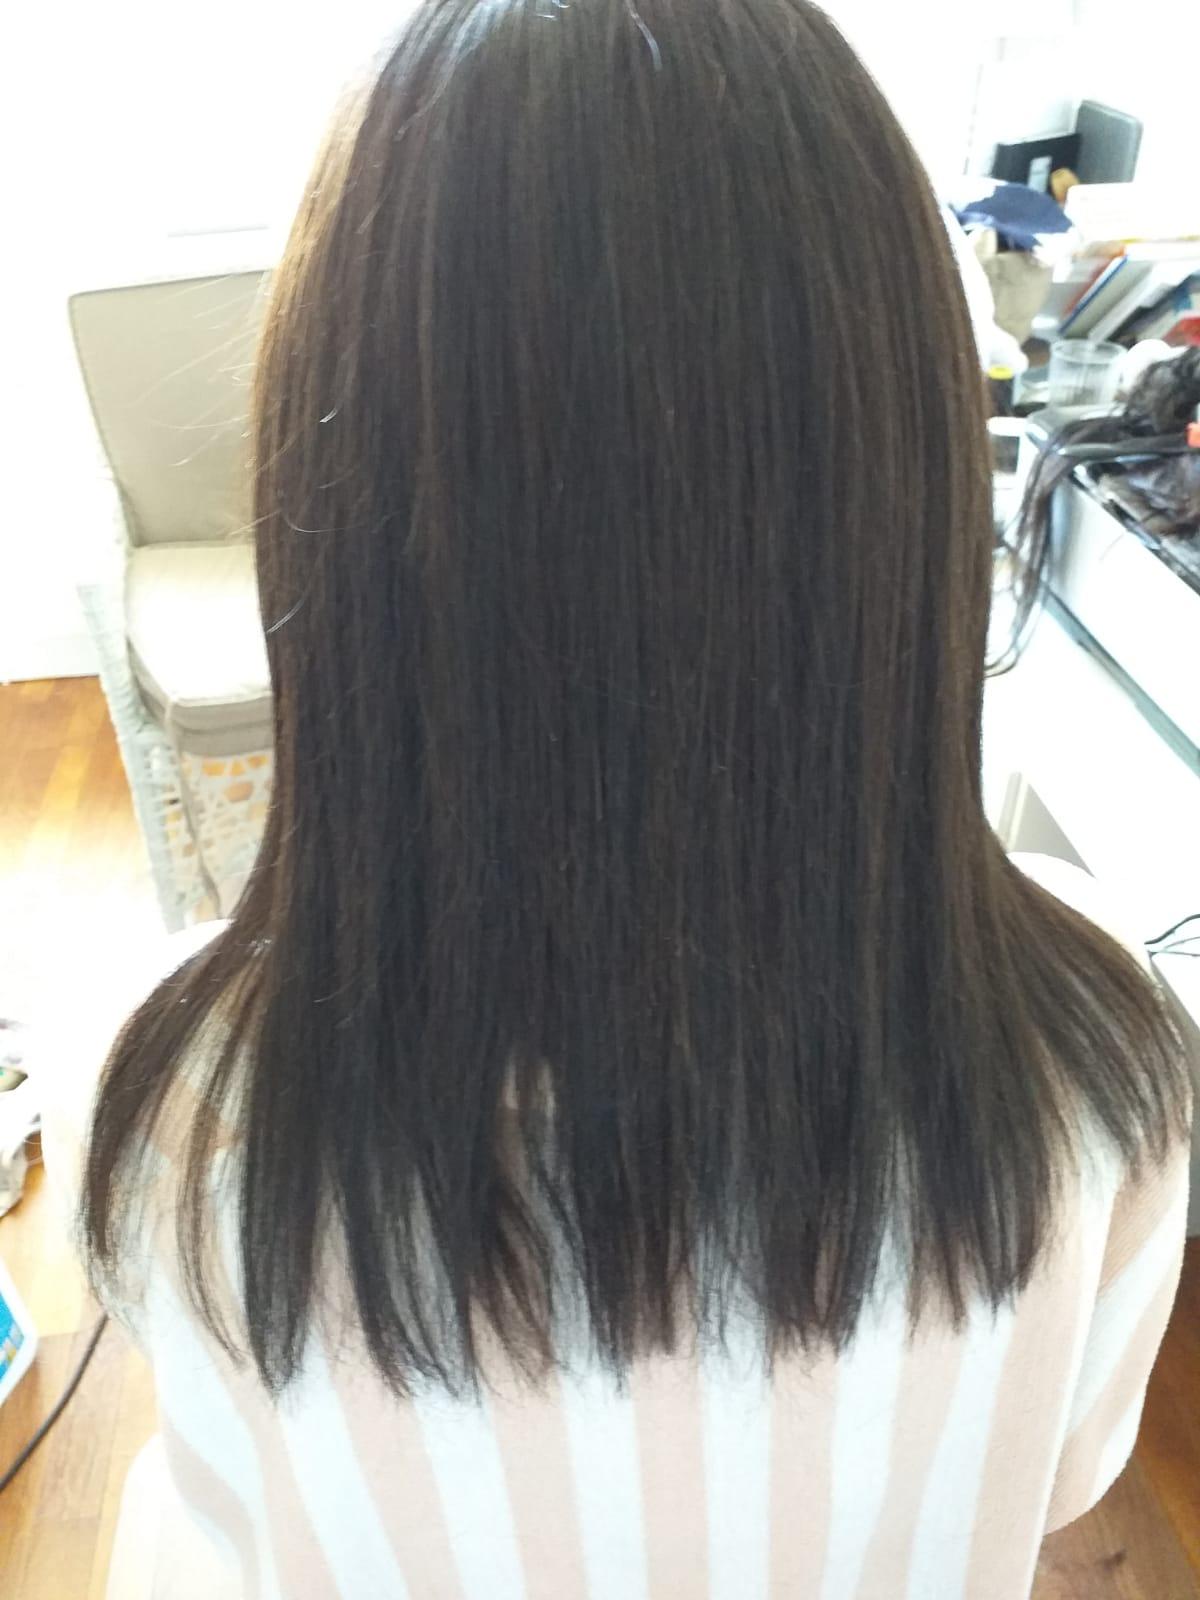 salon de coiffure afro tresse tresses box braids crochet braids vanilles tissages paris 75 77 78 91 92 93 94 95 YYMXYWRJ